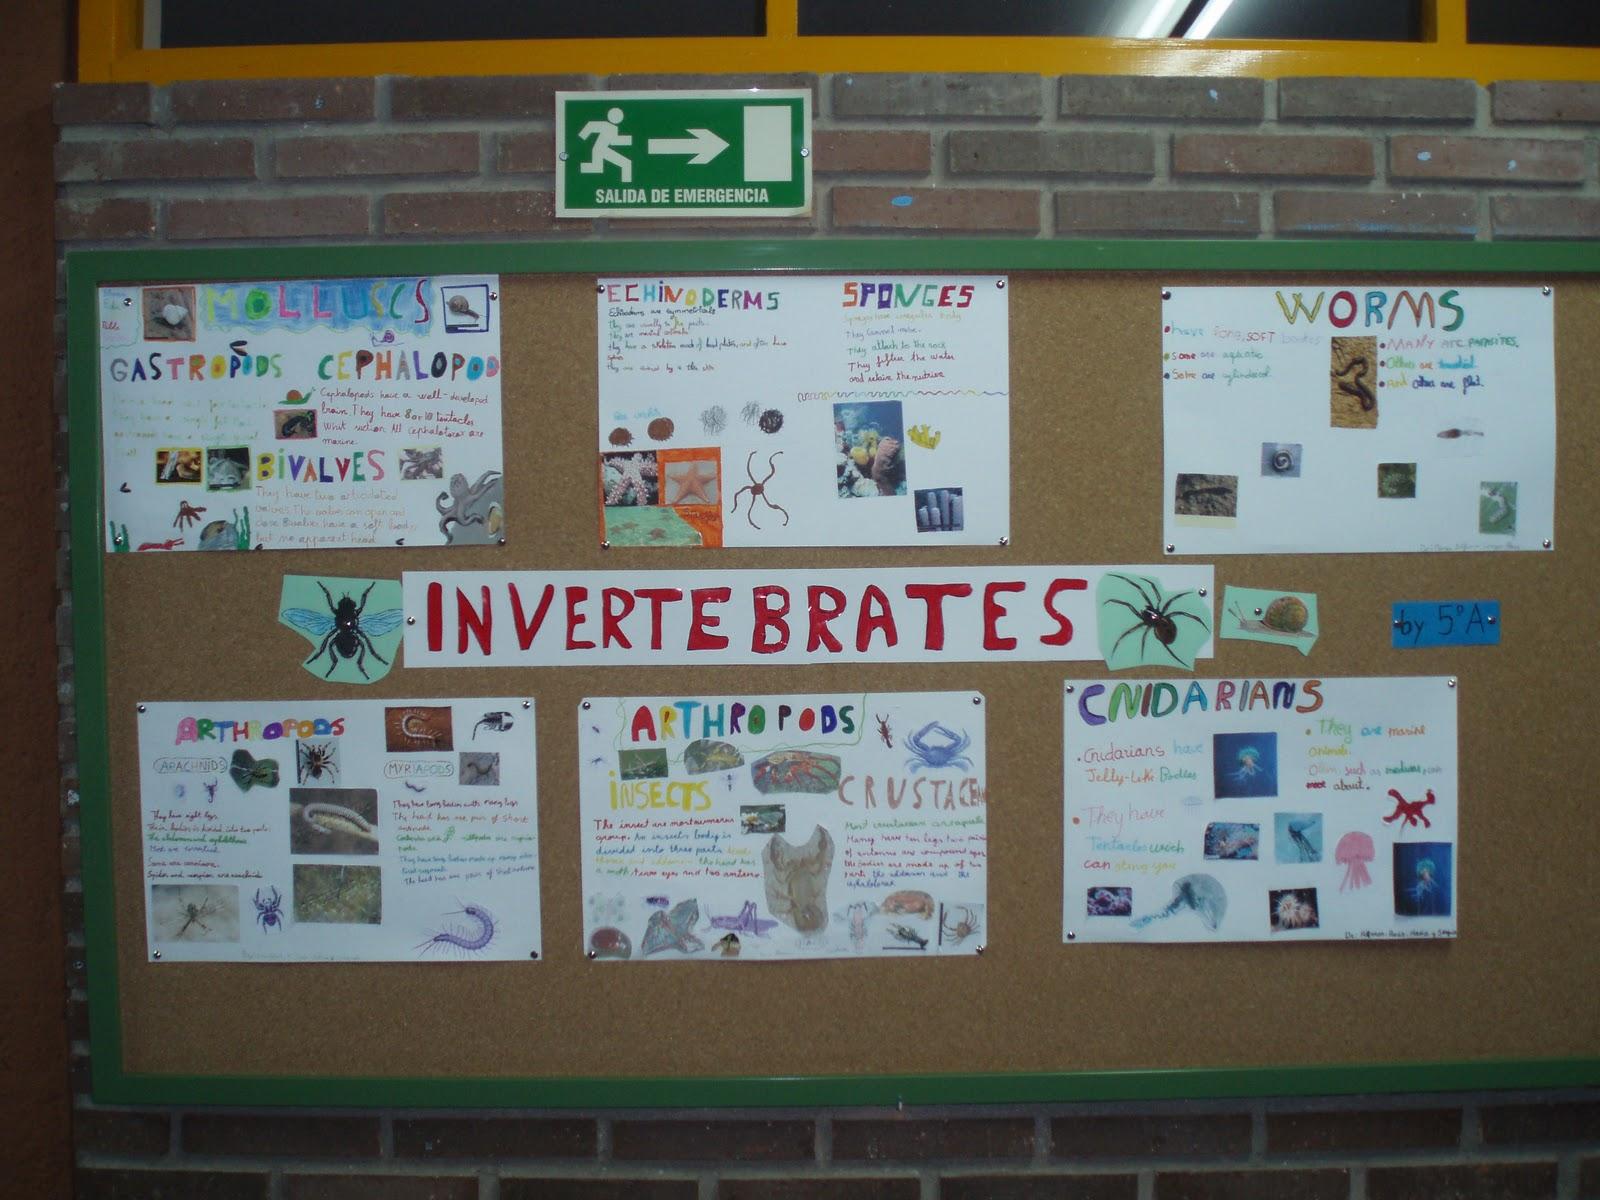 Bilingual Education Activities: VERTEBRATES AND INVERTEBRATES